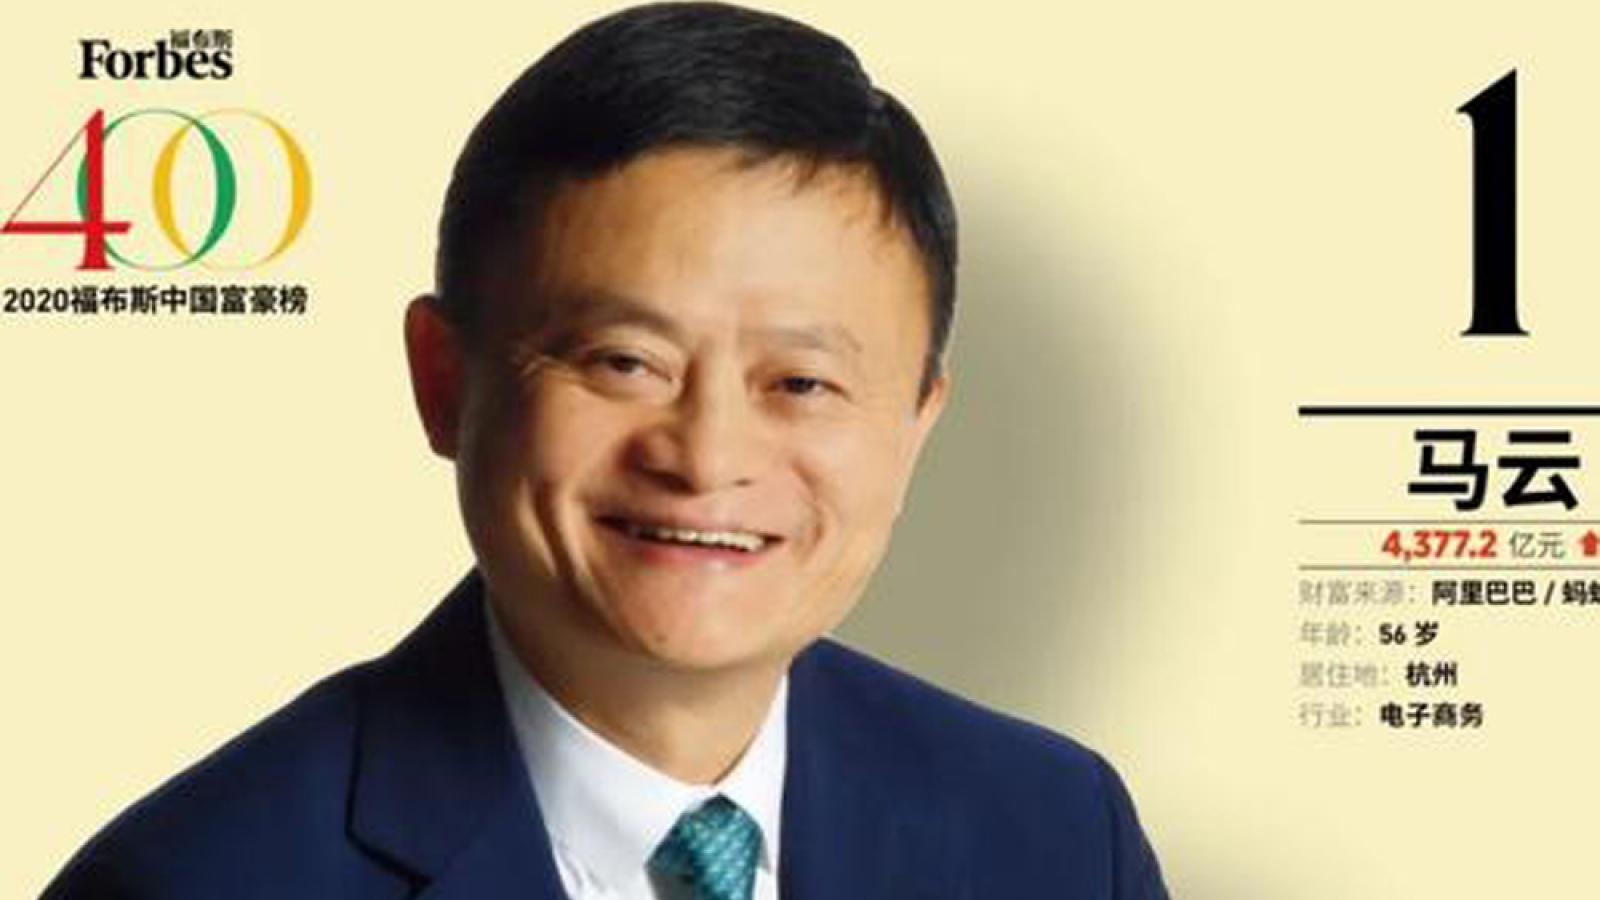 Forbes công bố bảng xếp hạng những người giàu nhất Trung Quốc